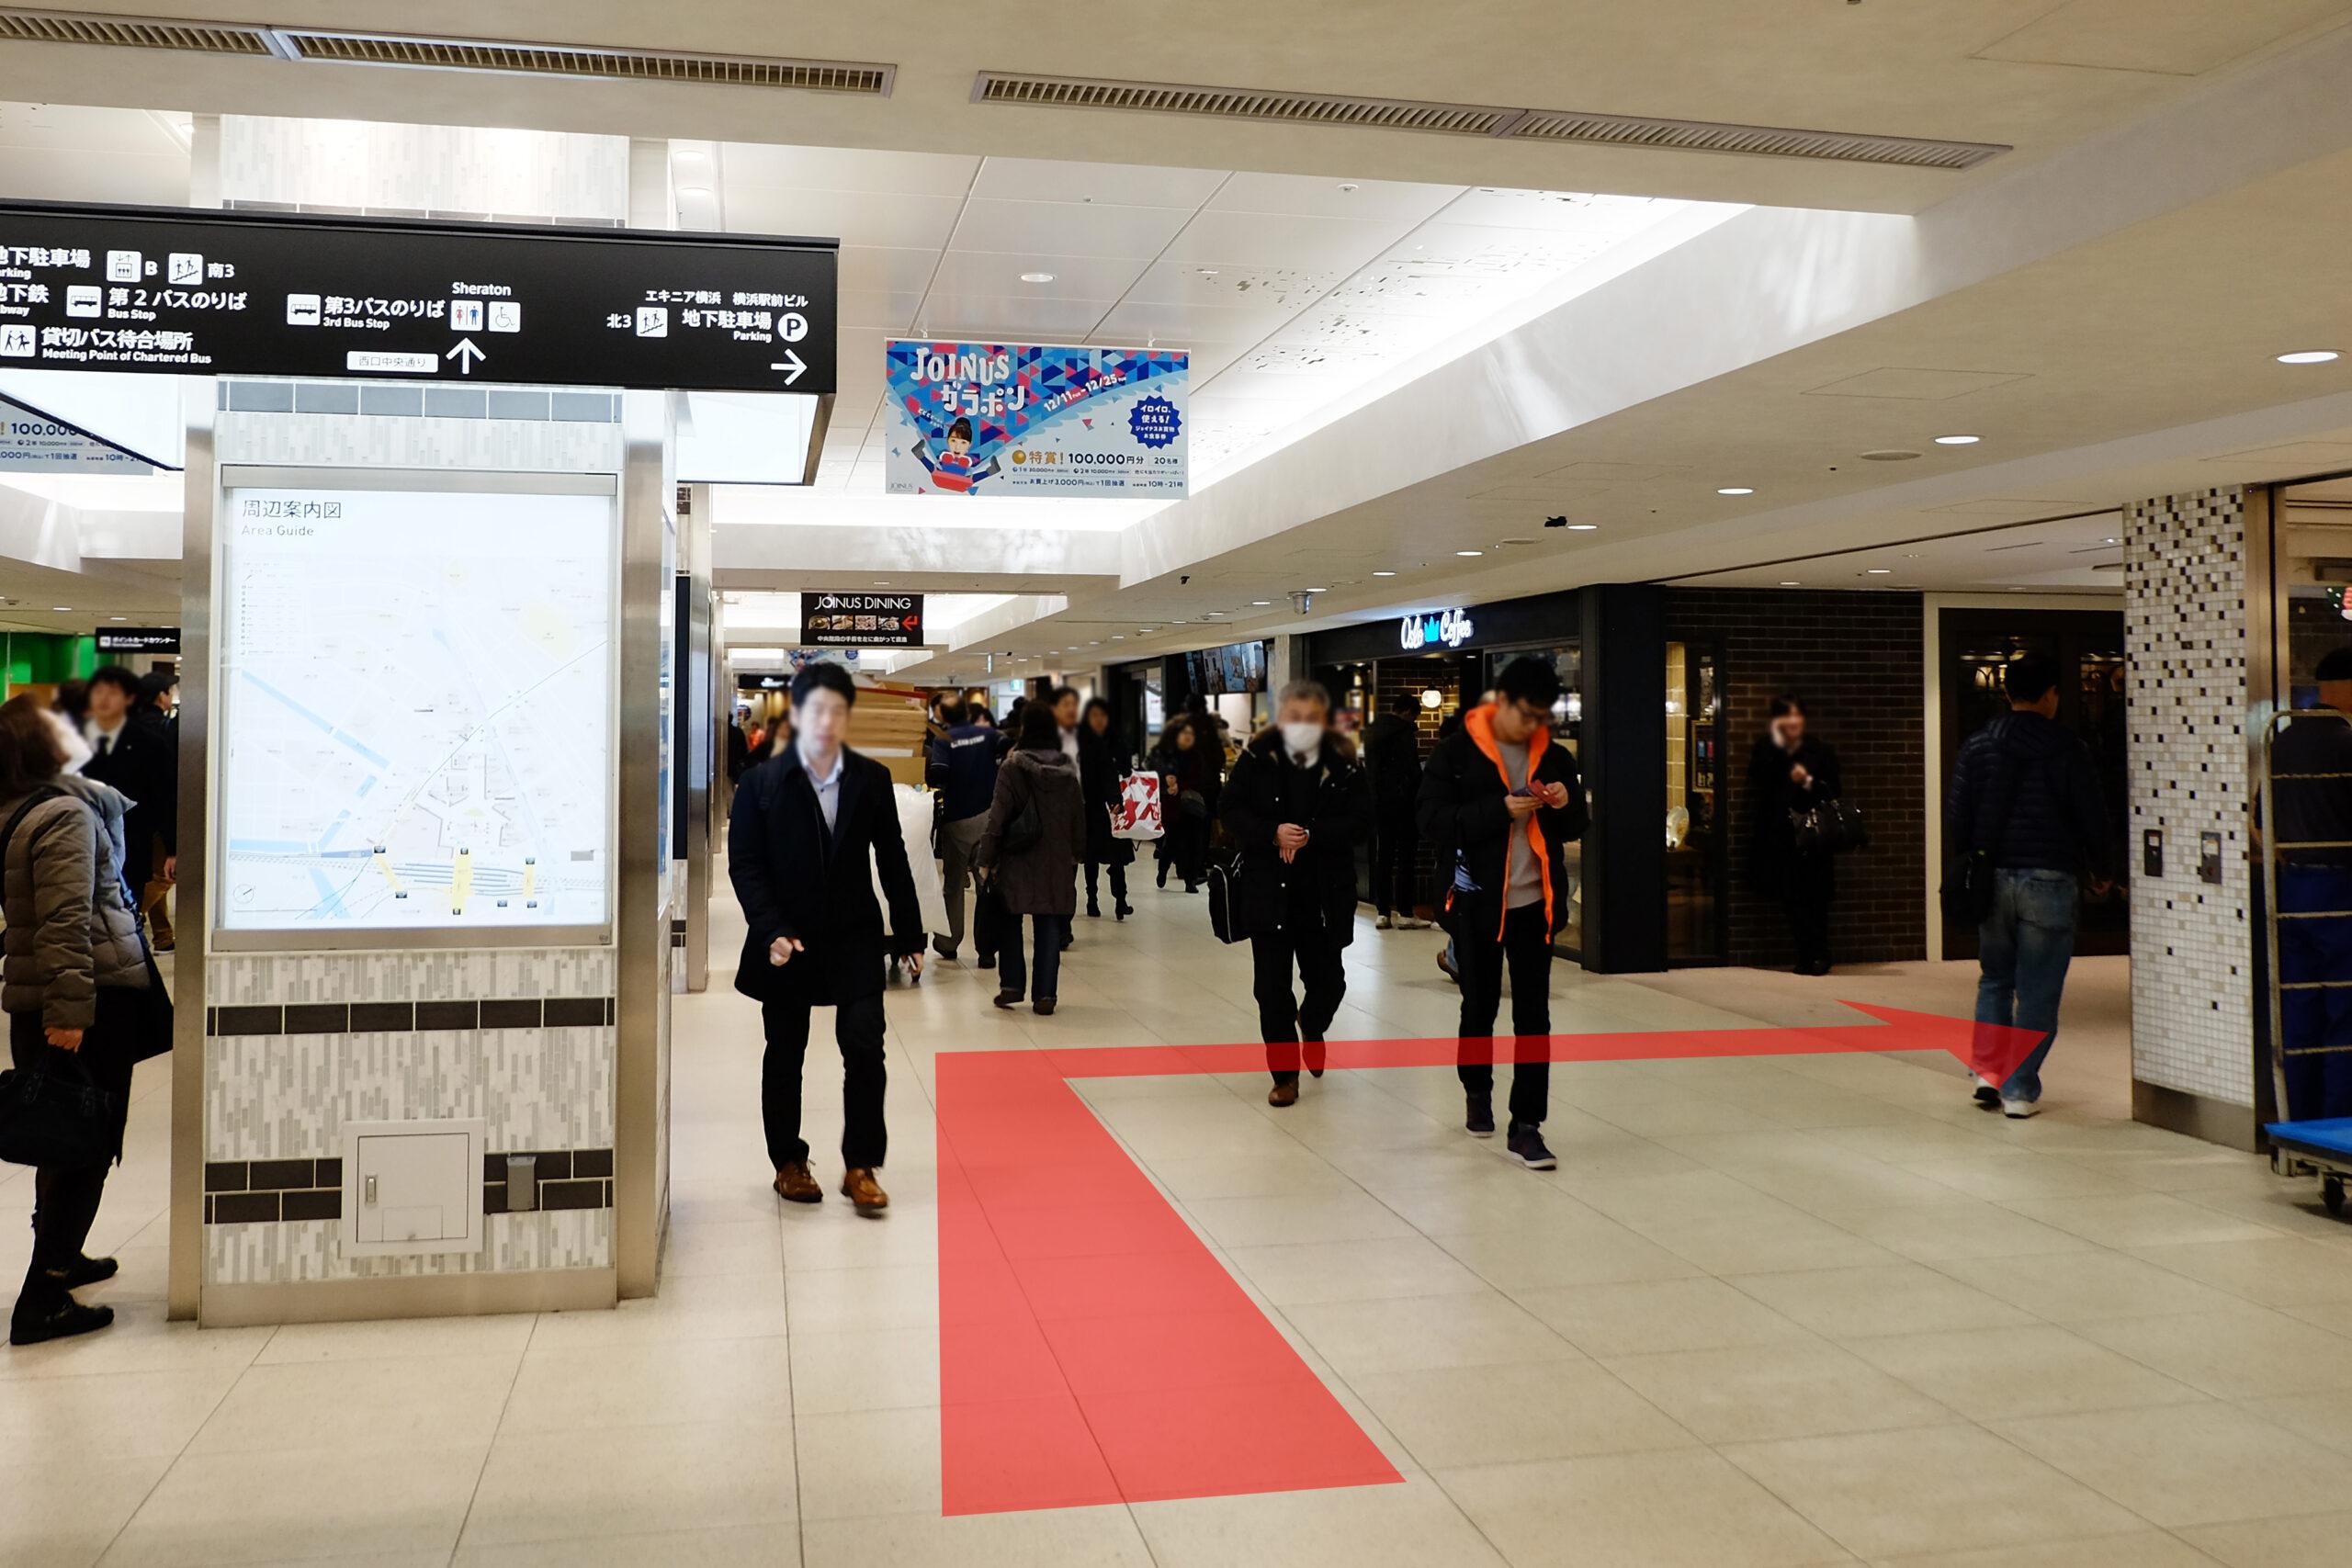 「エキニア横浜」の表示がある分岐点を右に進みます。